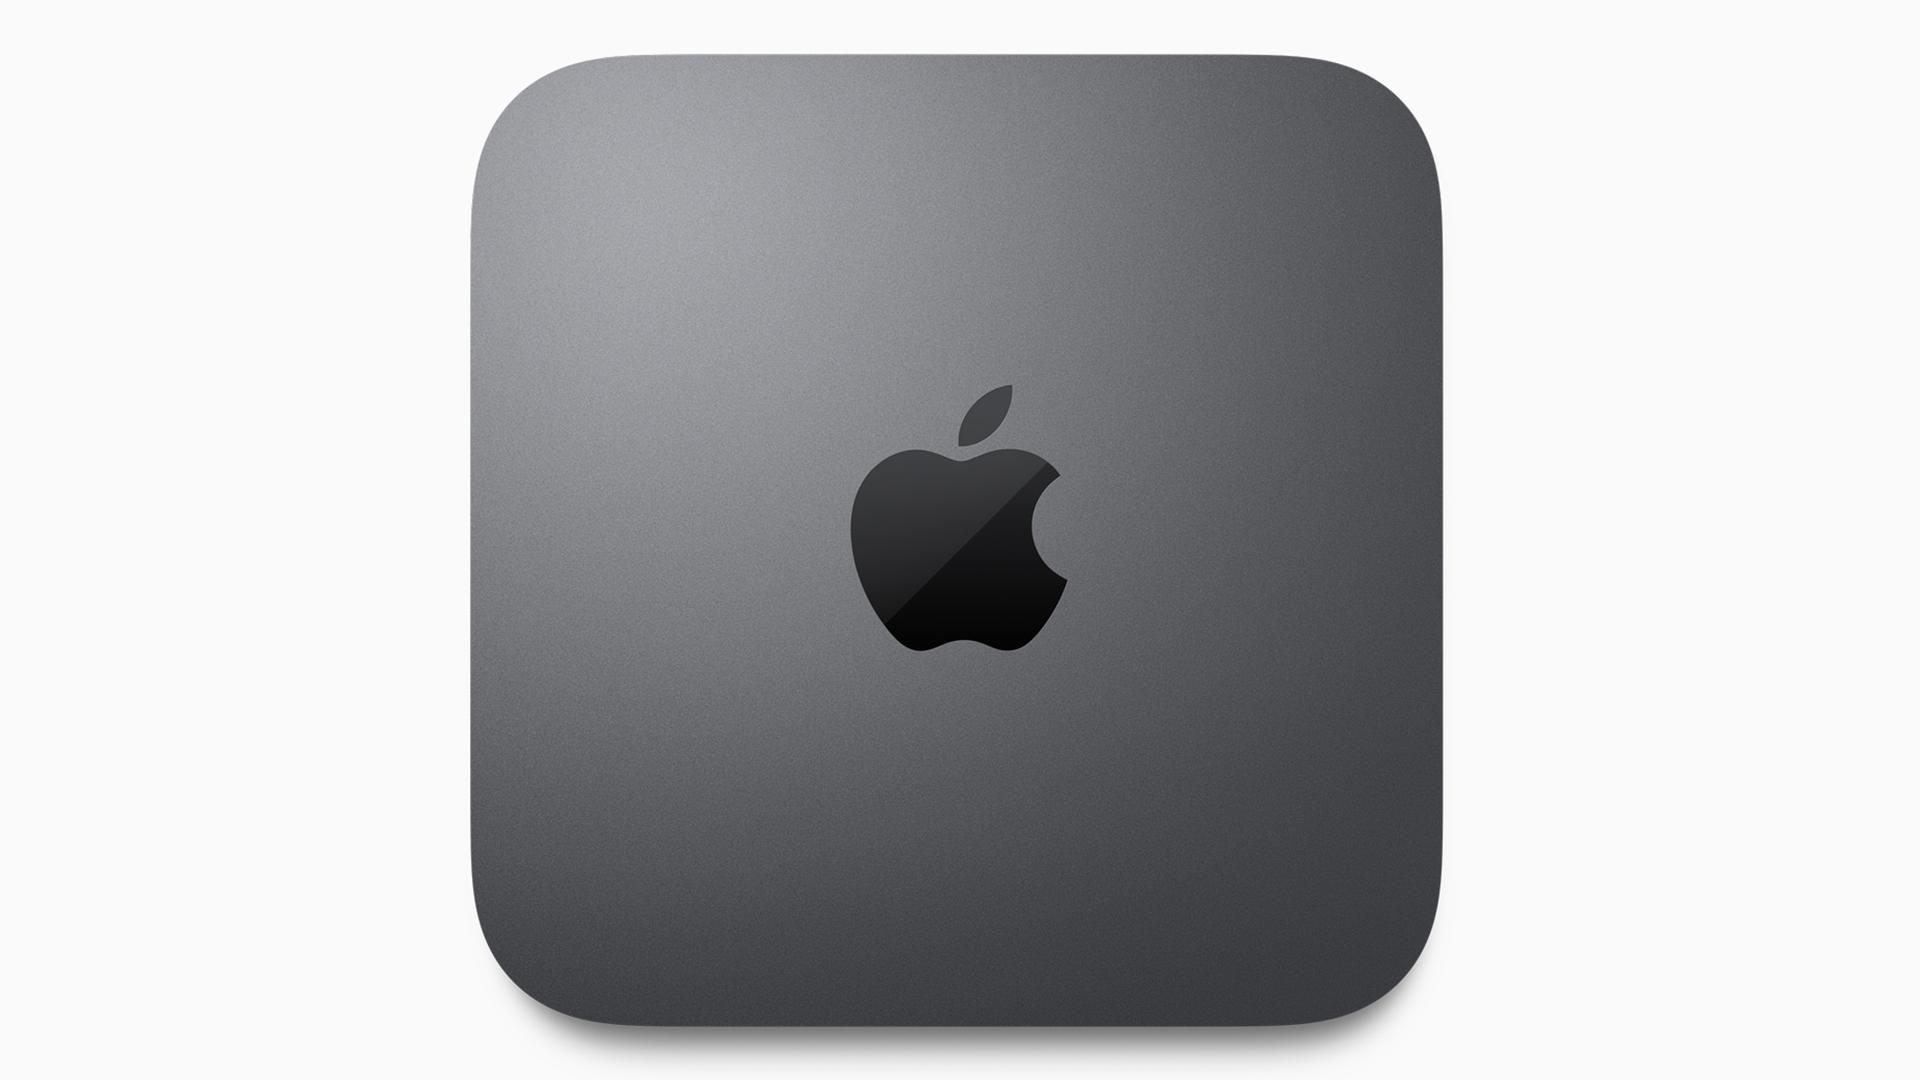 مواصفات Apple Mac Mini 2018